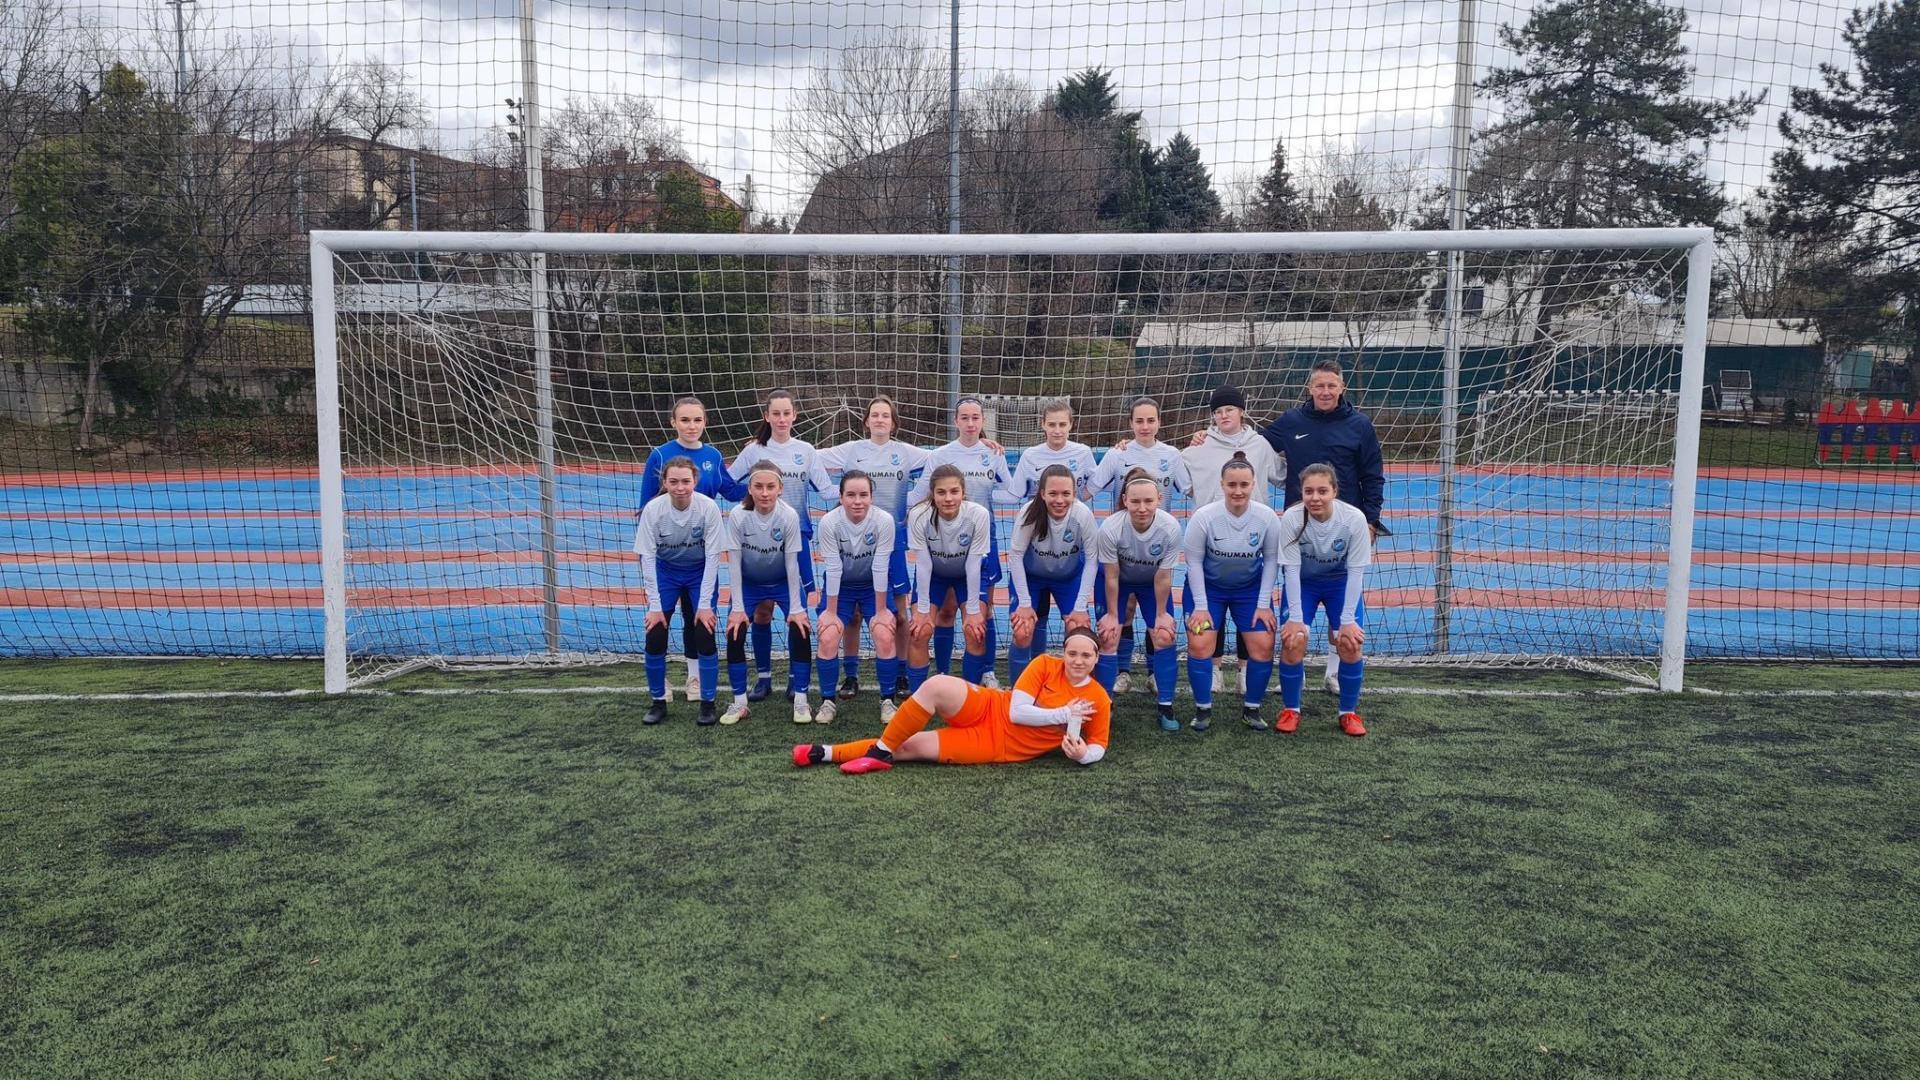 U19: Pótolt bajnokit nyertünk Szegeden